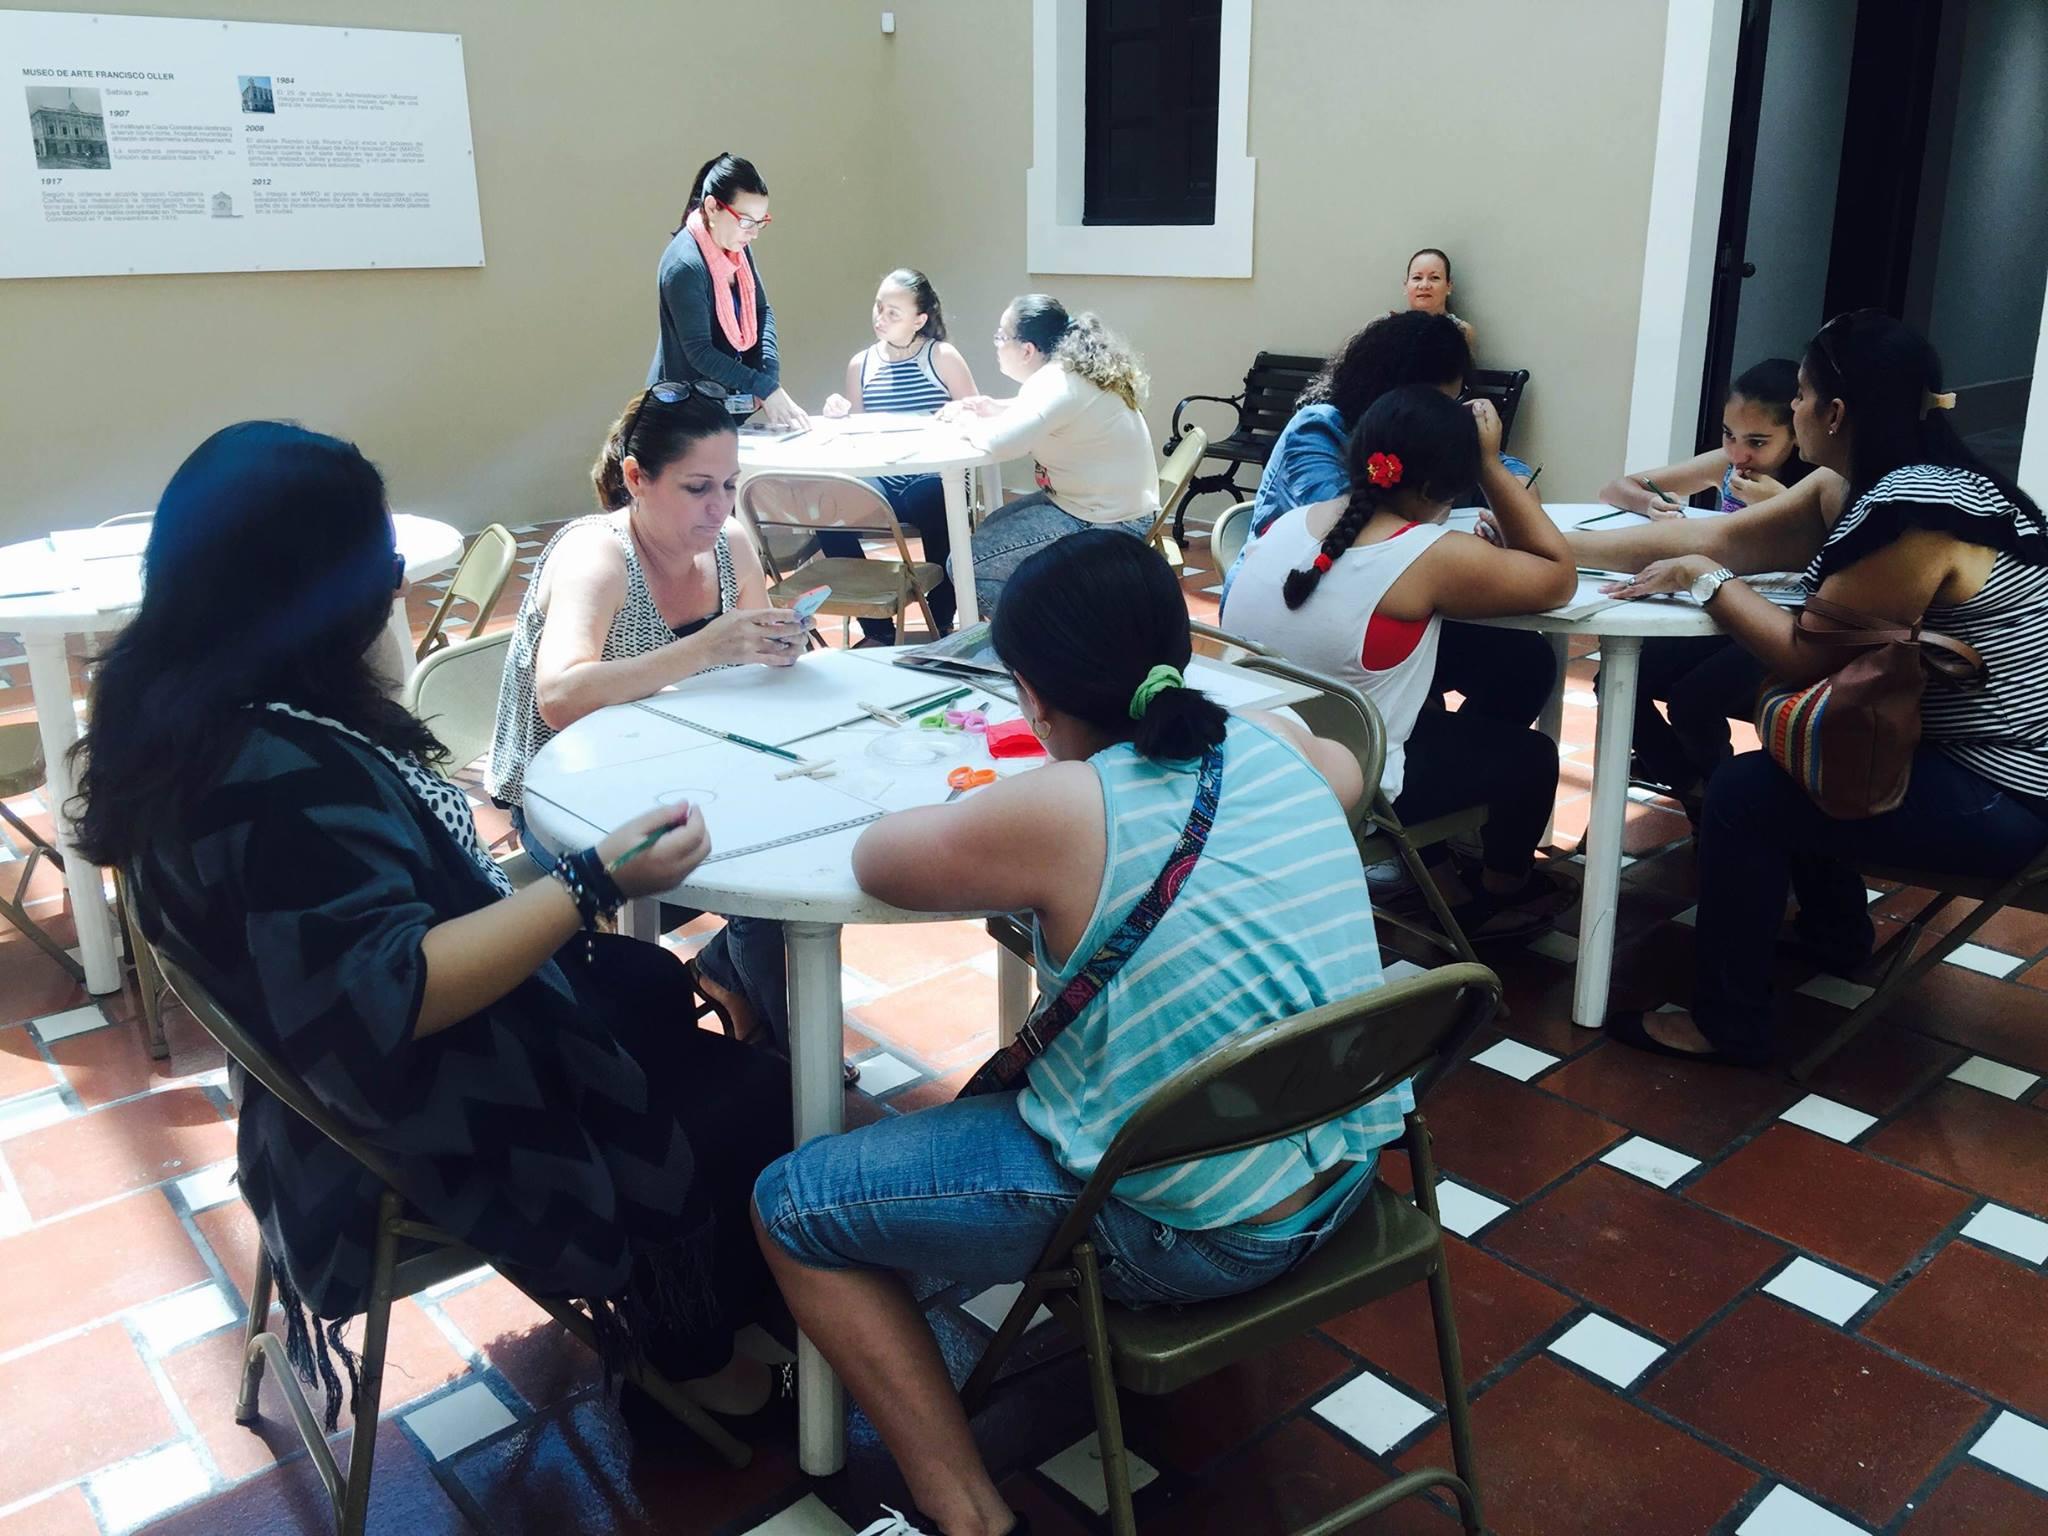 Participnayes del taller creando sus obras de dibujo